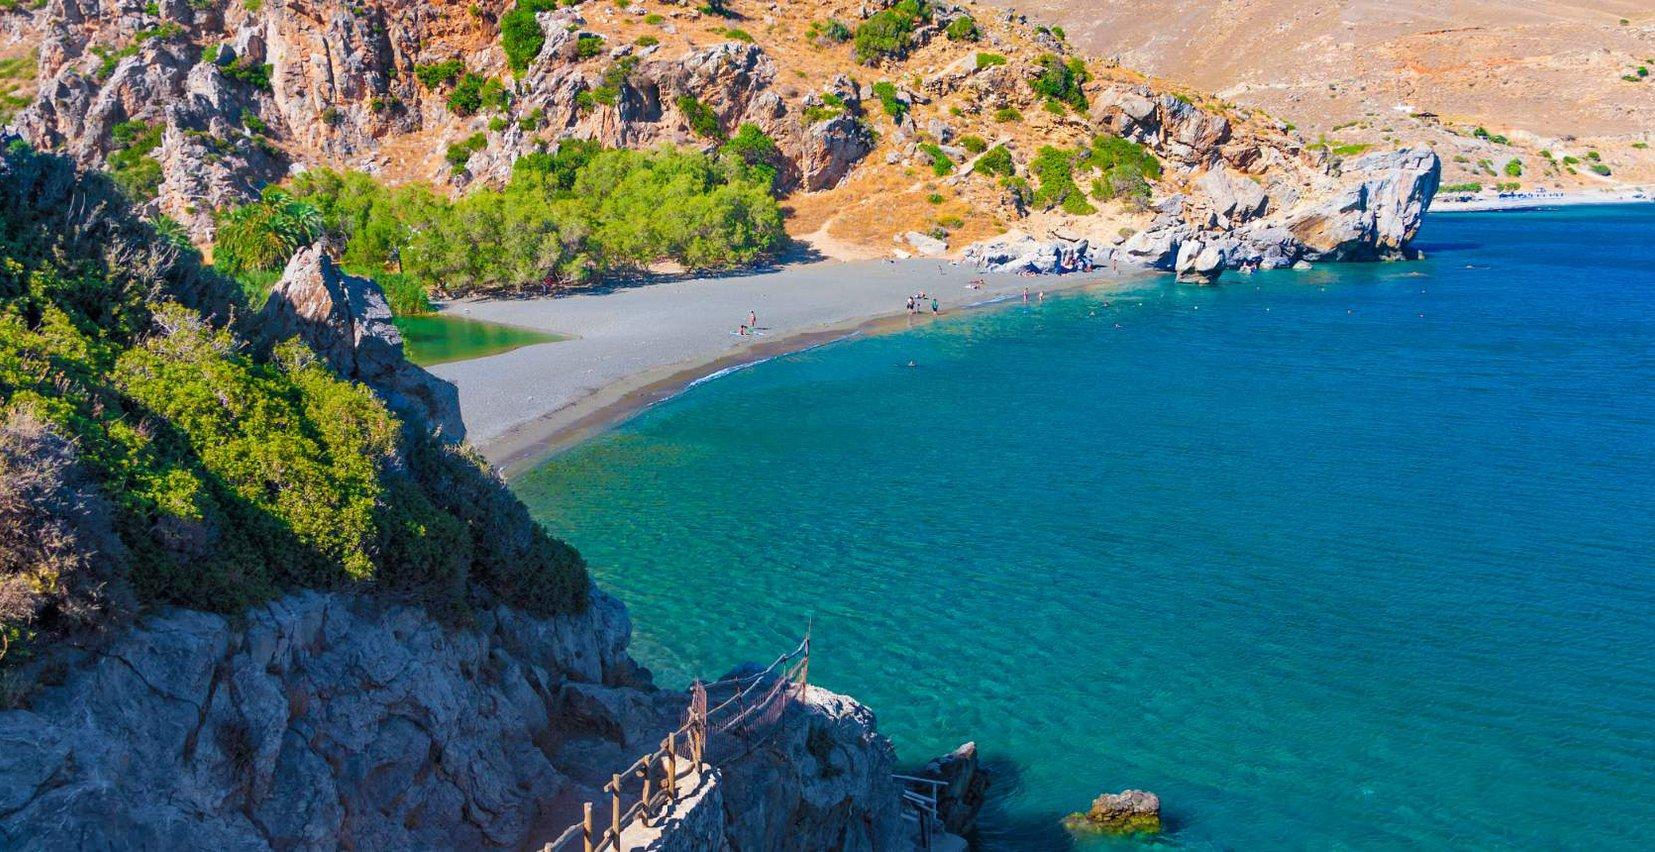 Beautiful beach near Mala Villa surrounded by mountains